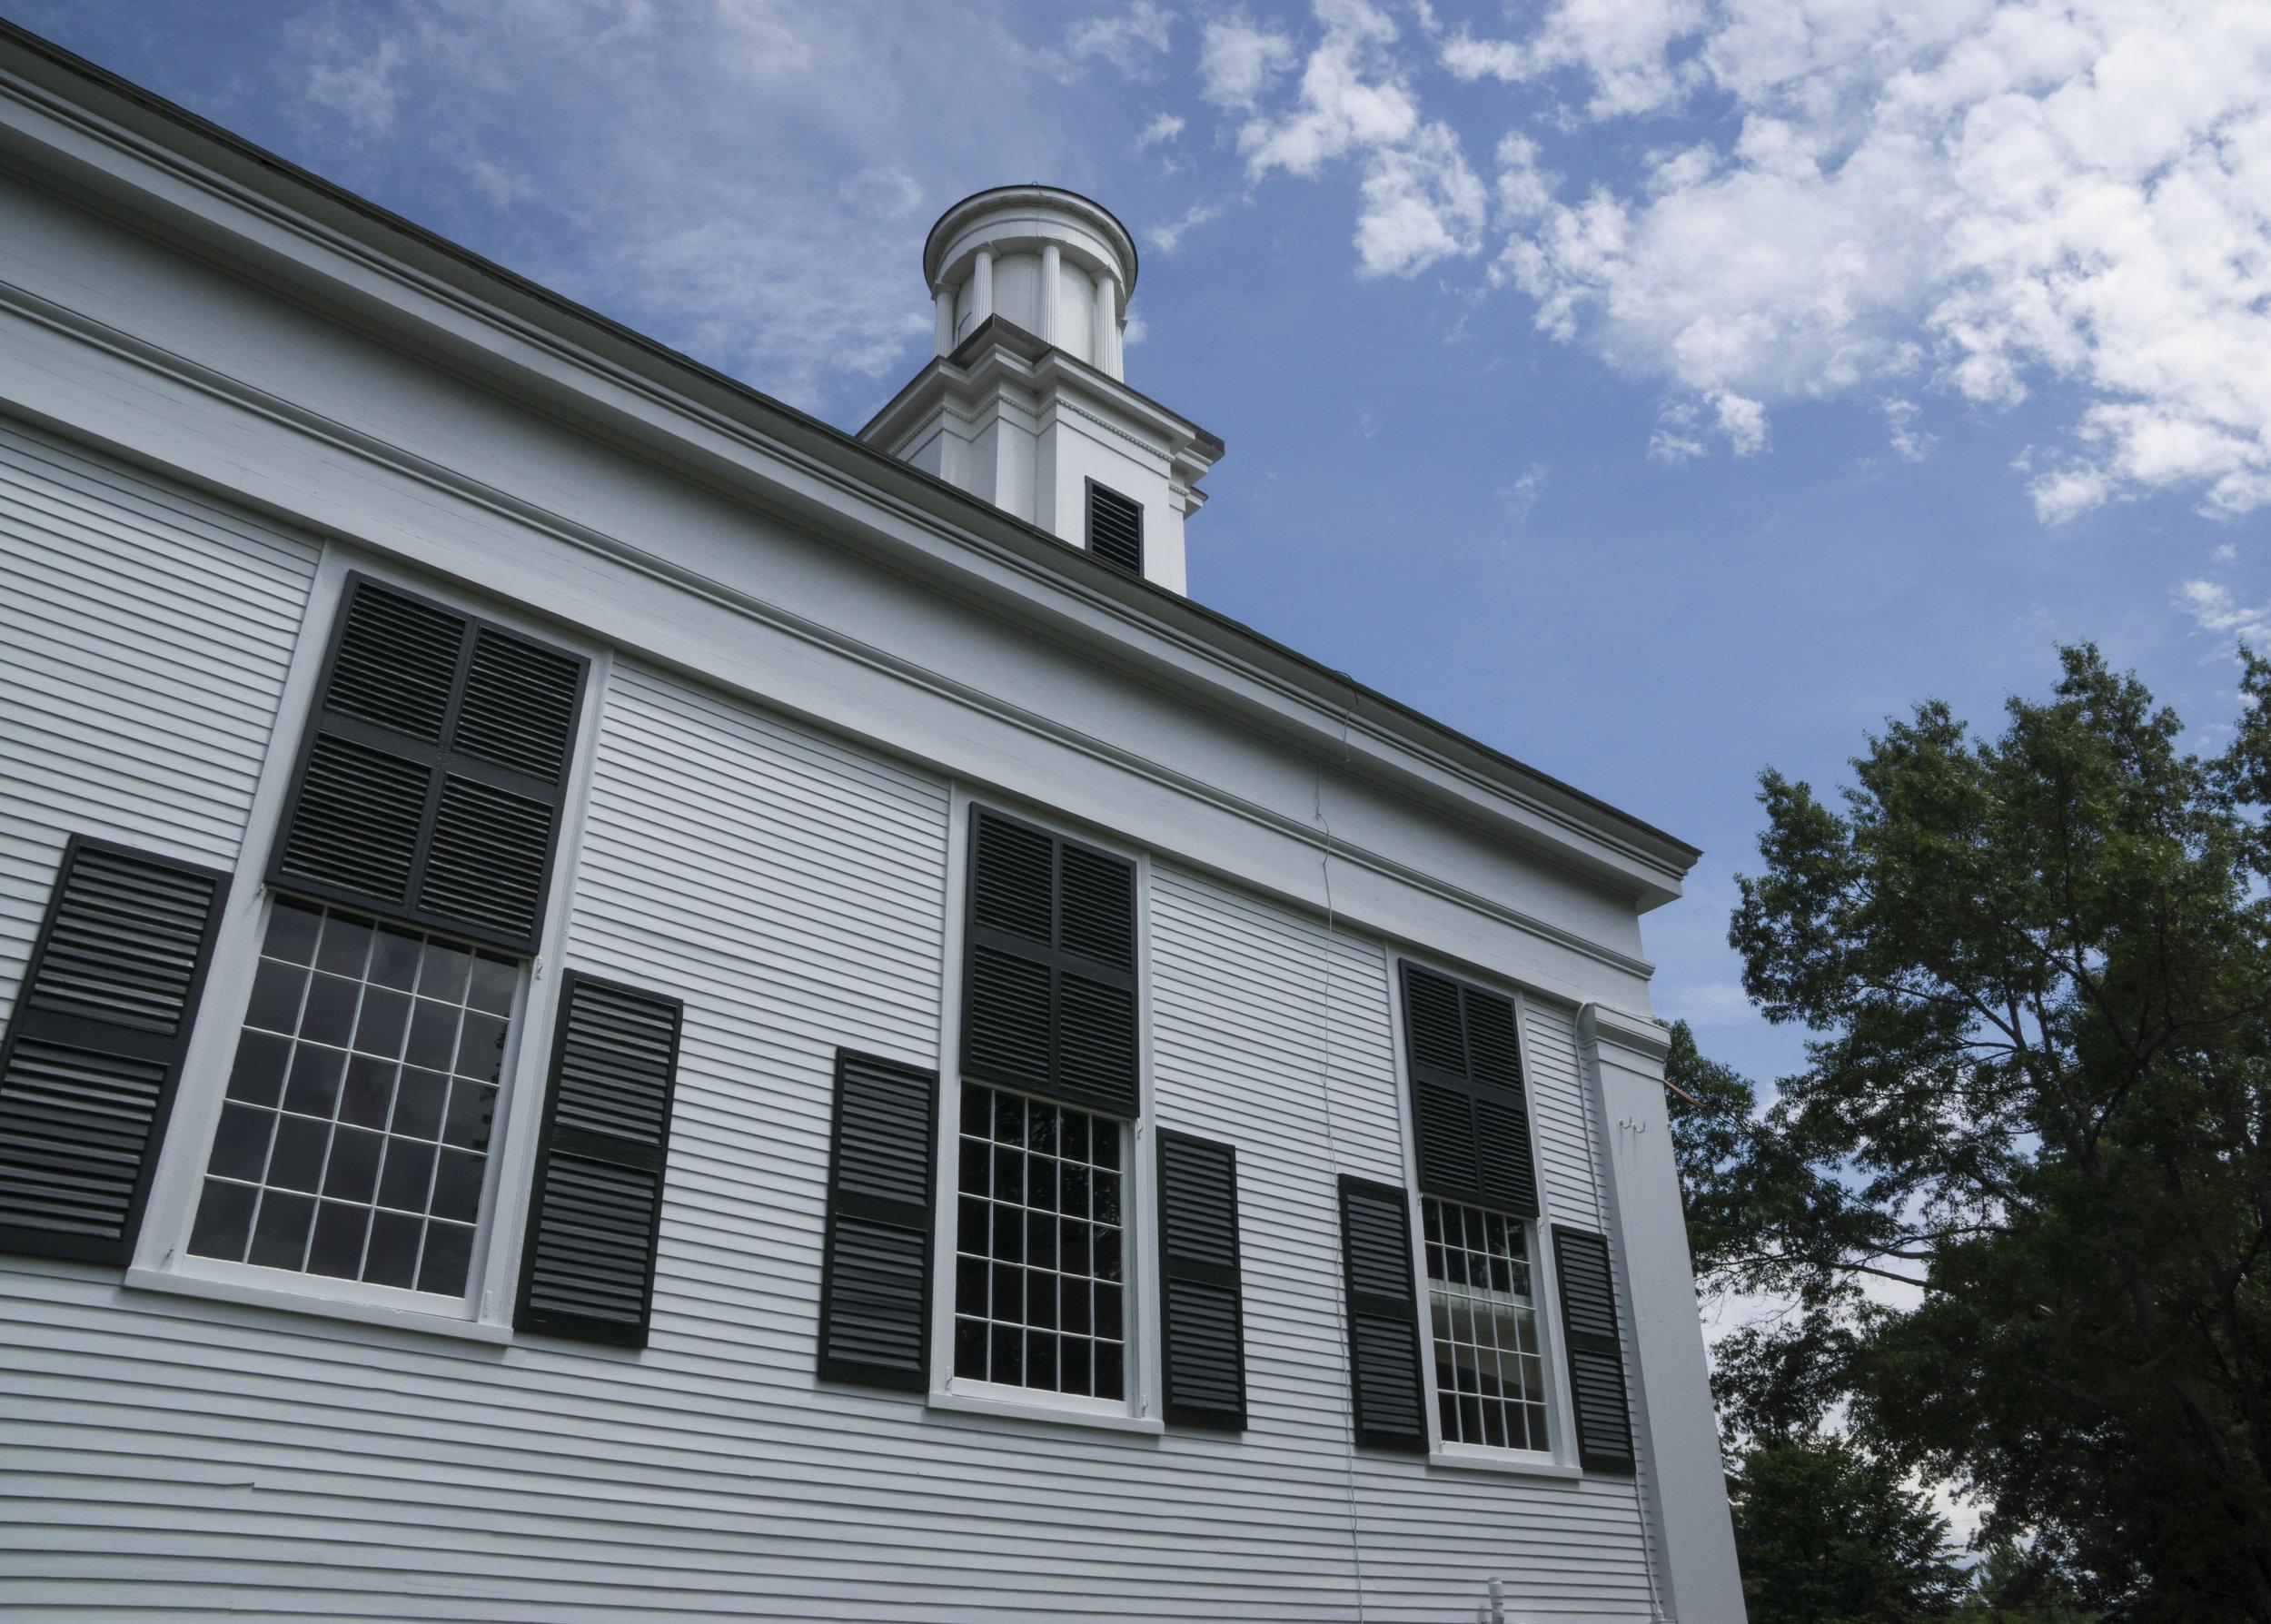 Church DSC5225.jpg